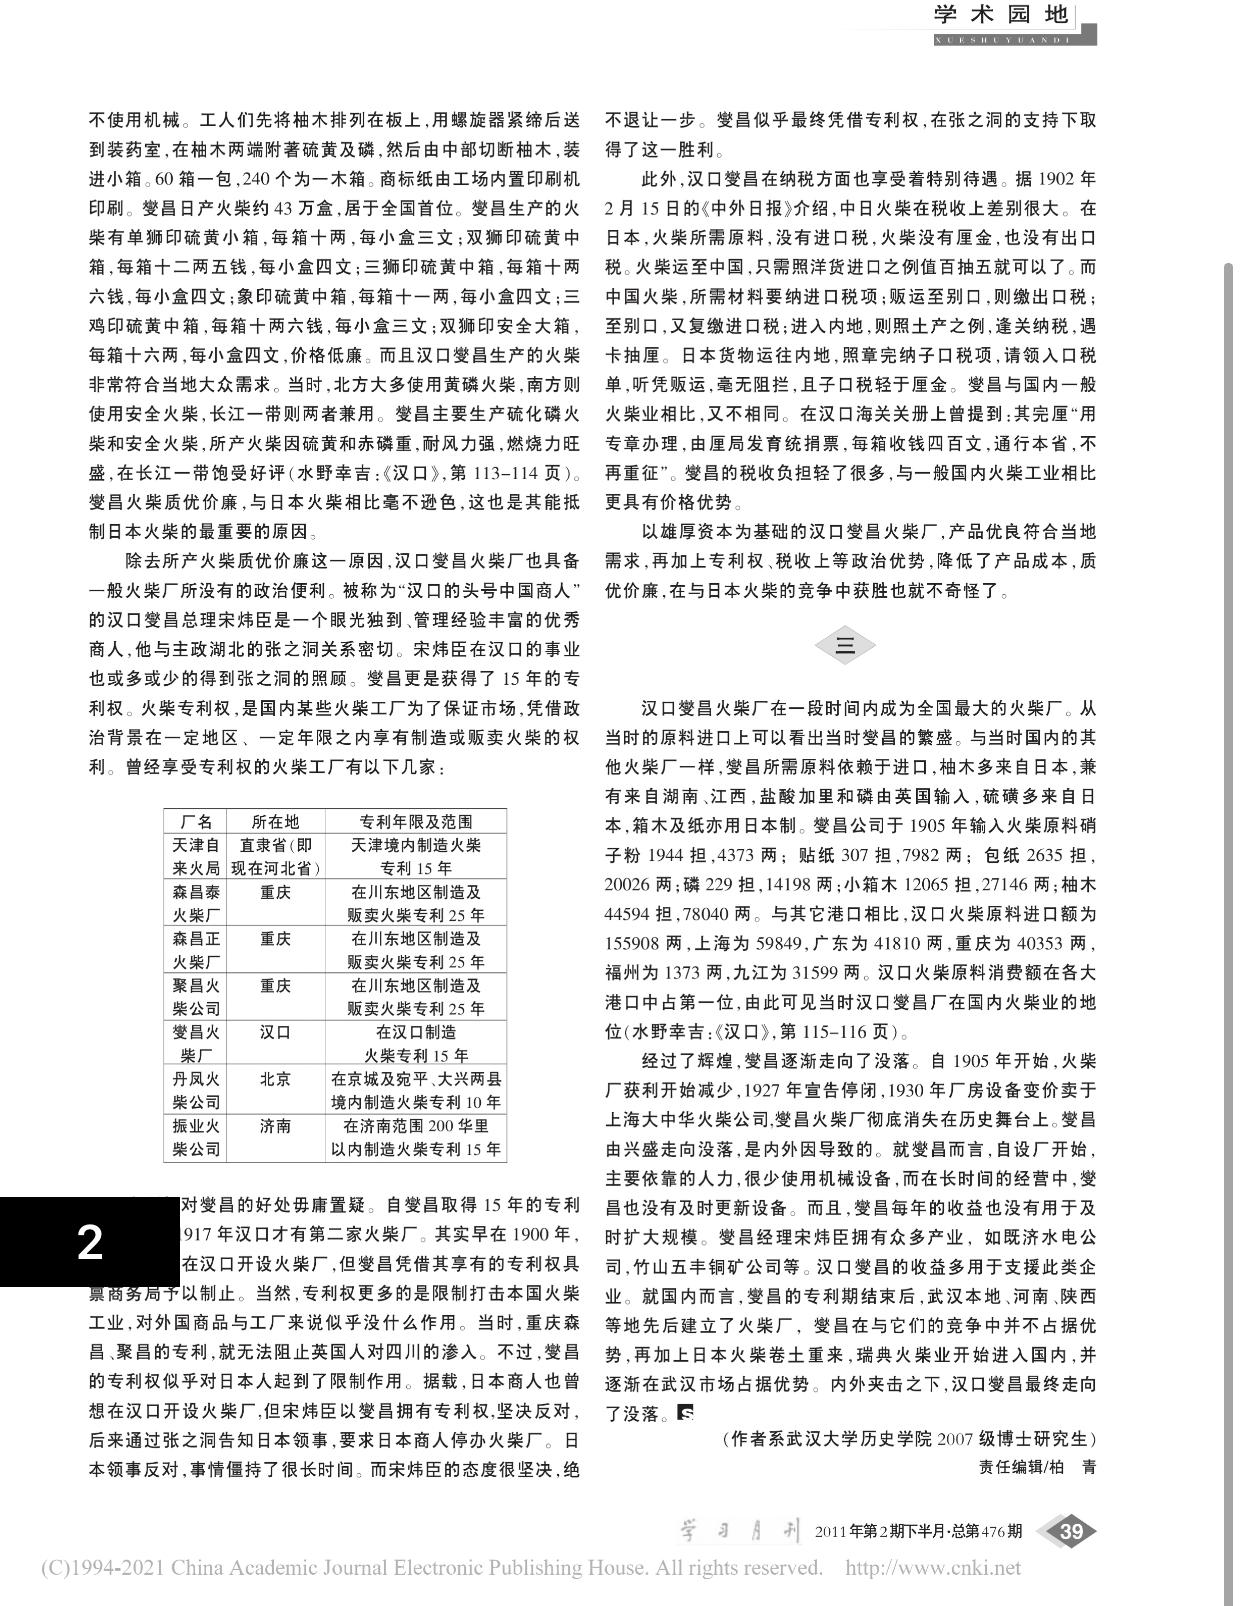 燮昌火柴厂论文2.jpg